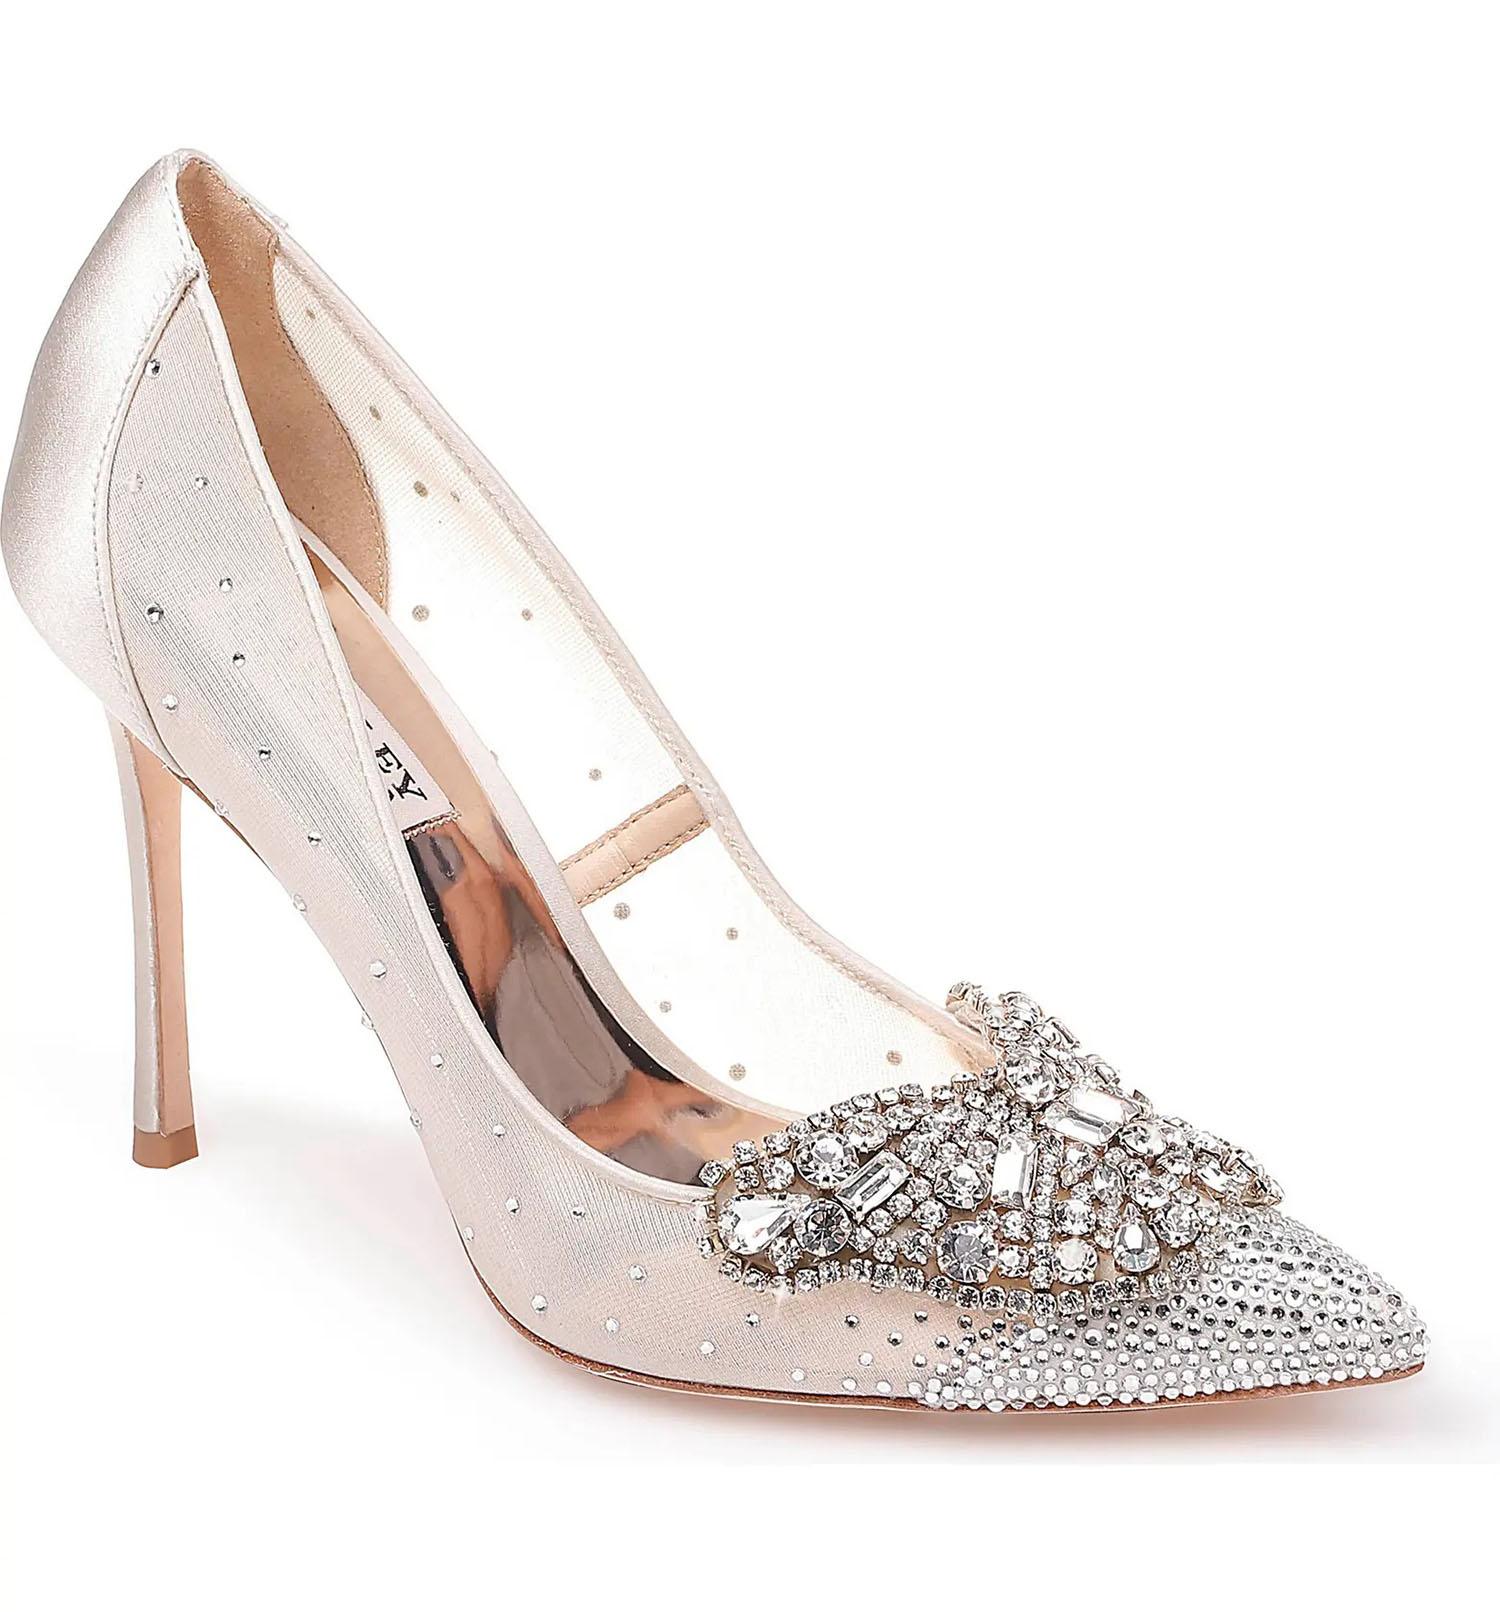 ivory satin and mesh embellished Badgley Mischka wedding shoes